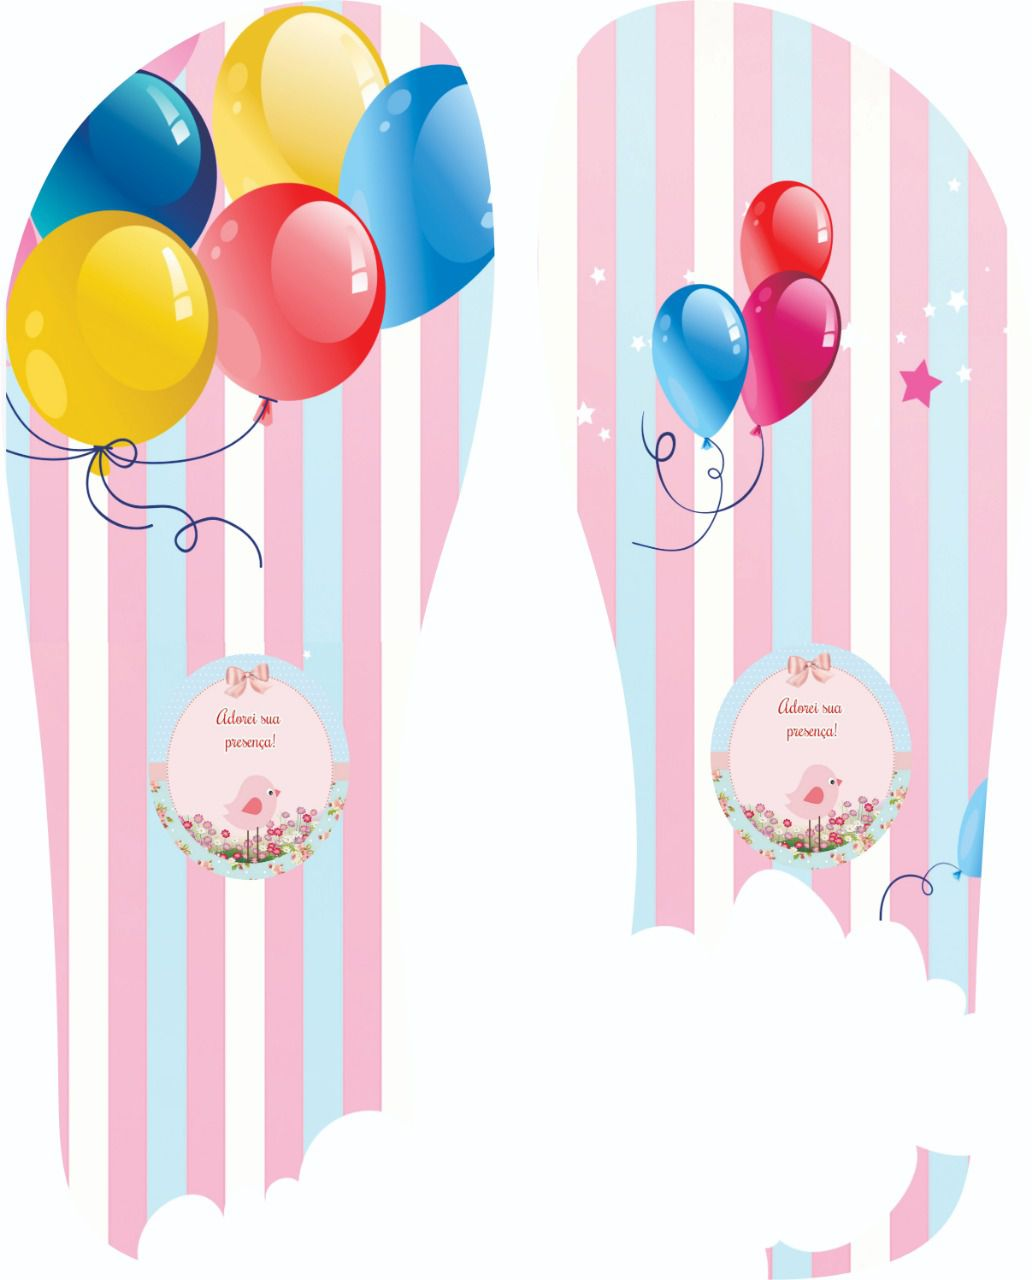 30 Quadrados de Borracha Top+ Estampado + Brinde de 30 pares de alças - Modelo Festa Infantil  - INBOP - Indústria de Borrachas e Polímeros